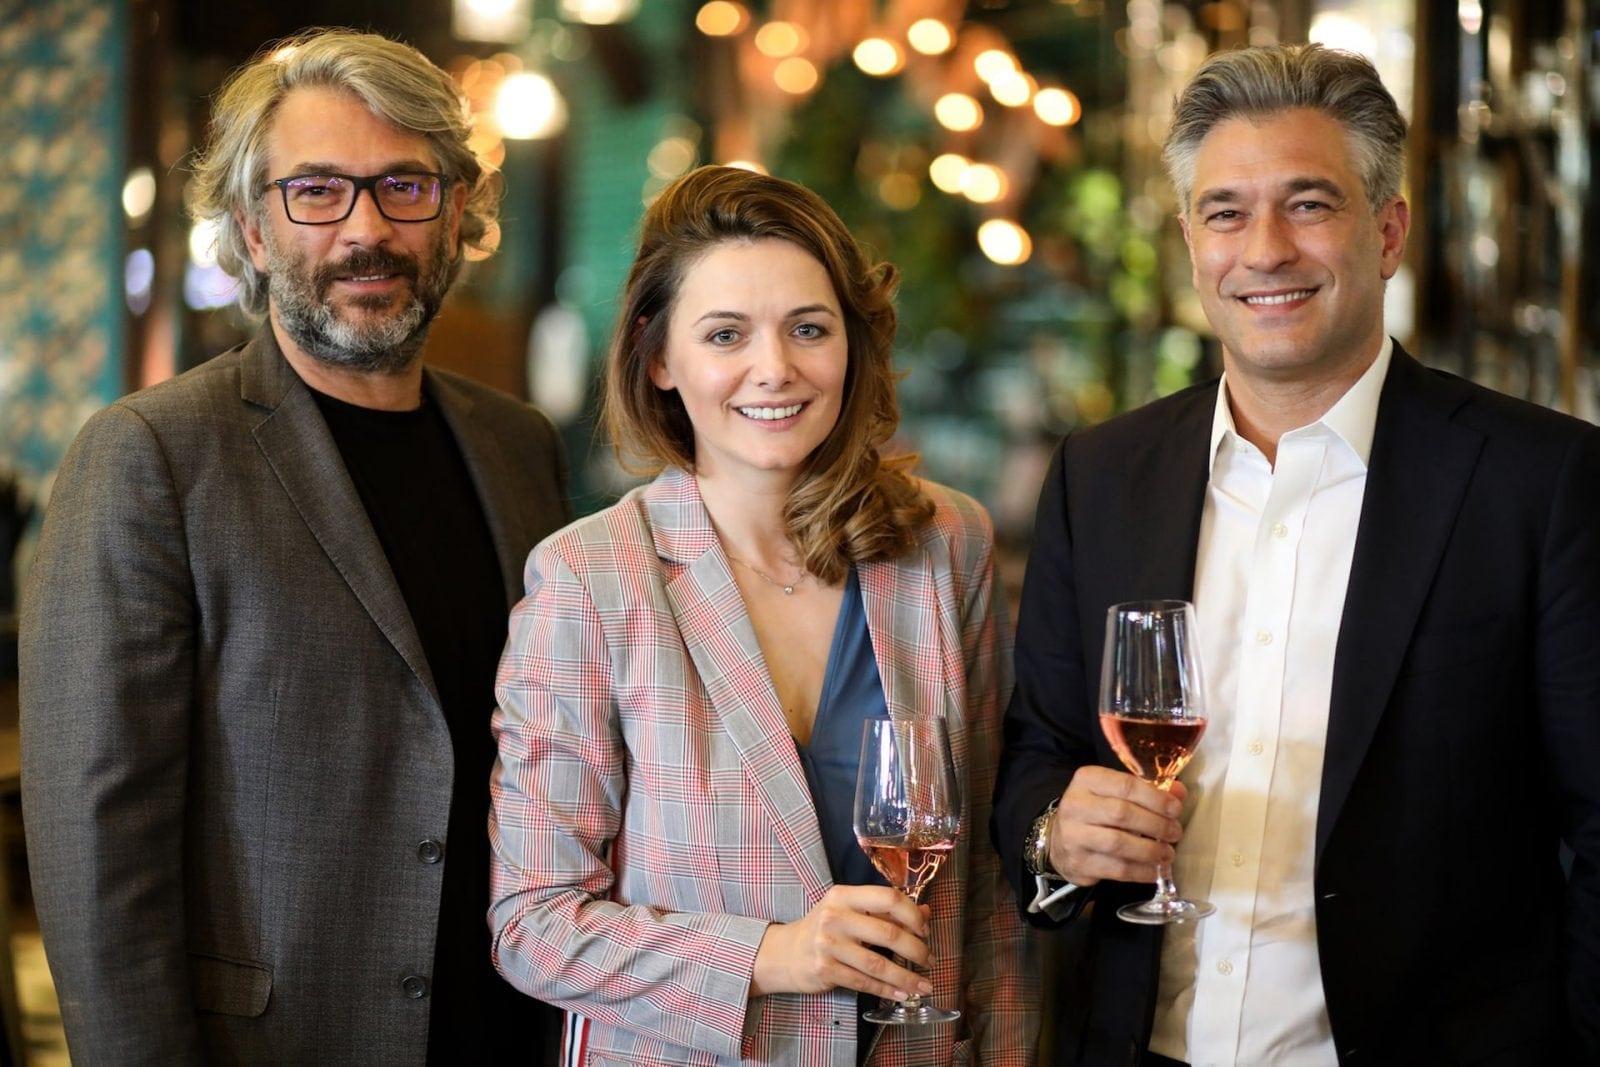 1 Organizatori RO WIne Marinela Ardelean Liviu si Mihai Popescu - Descoperă arta vinului, la RO-Wine, alături de Cornel Ilie și Virgil Ianțu!  Workshopuri, o bursă RO-Wine, dar și o secțiune VIP, printre noutățile ediției din 19 și 20 mai 2018!